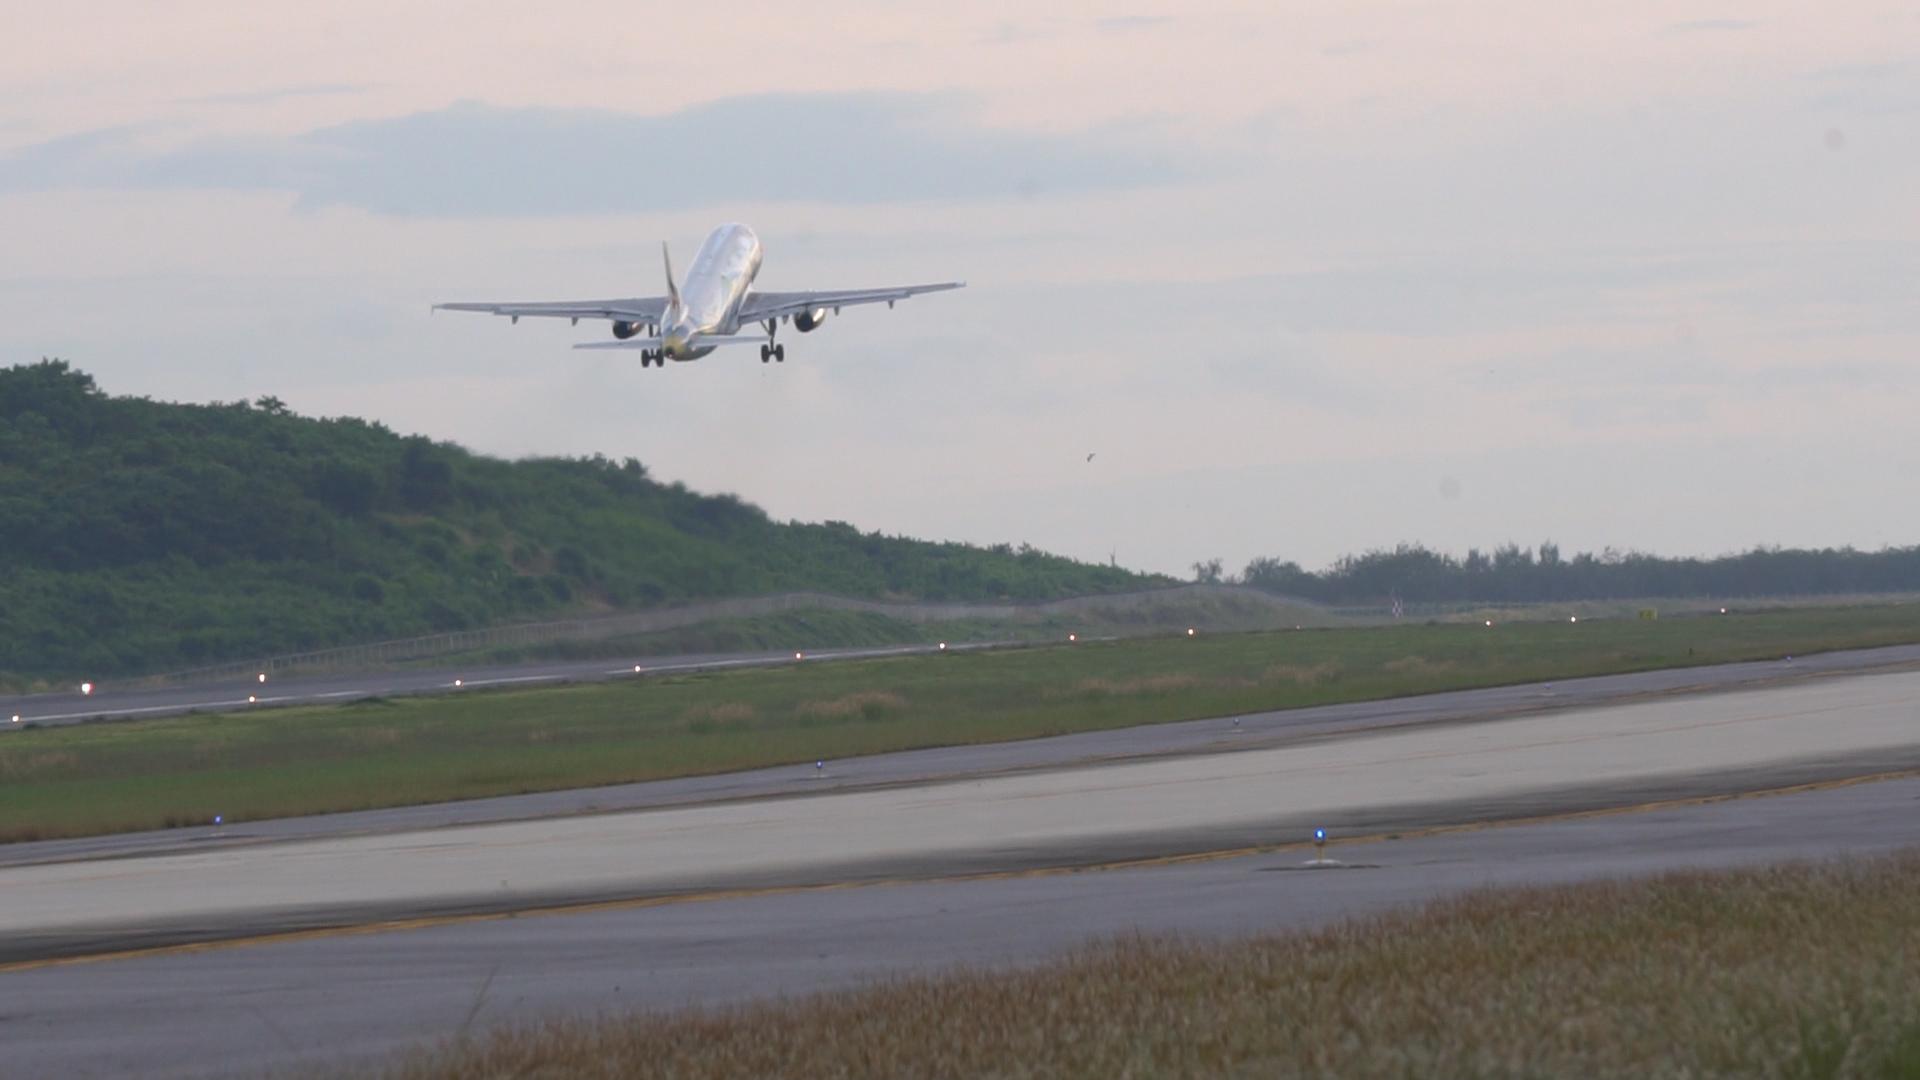 AoT заплатит более 980 млн бат в качестве компенсации за шум от аэропорта Пхукета